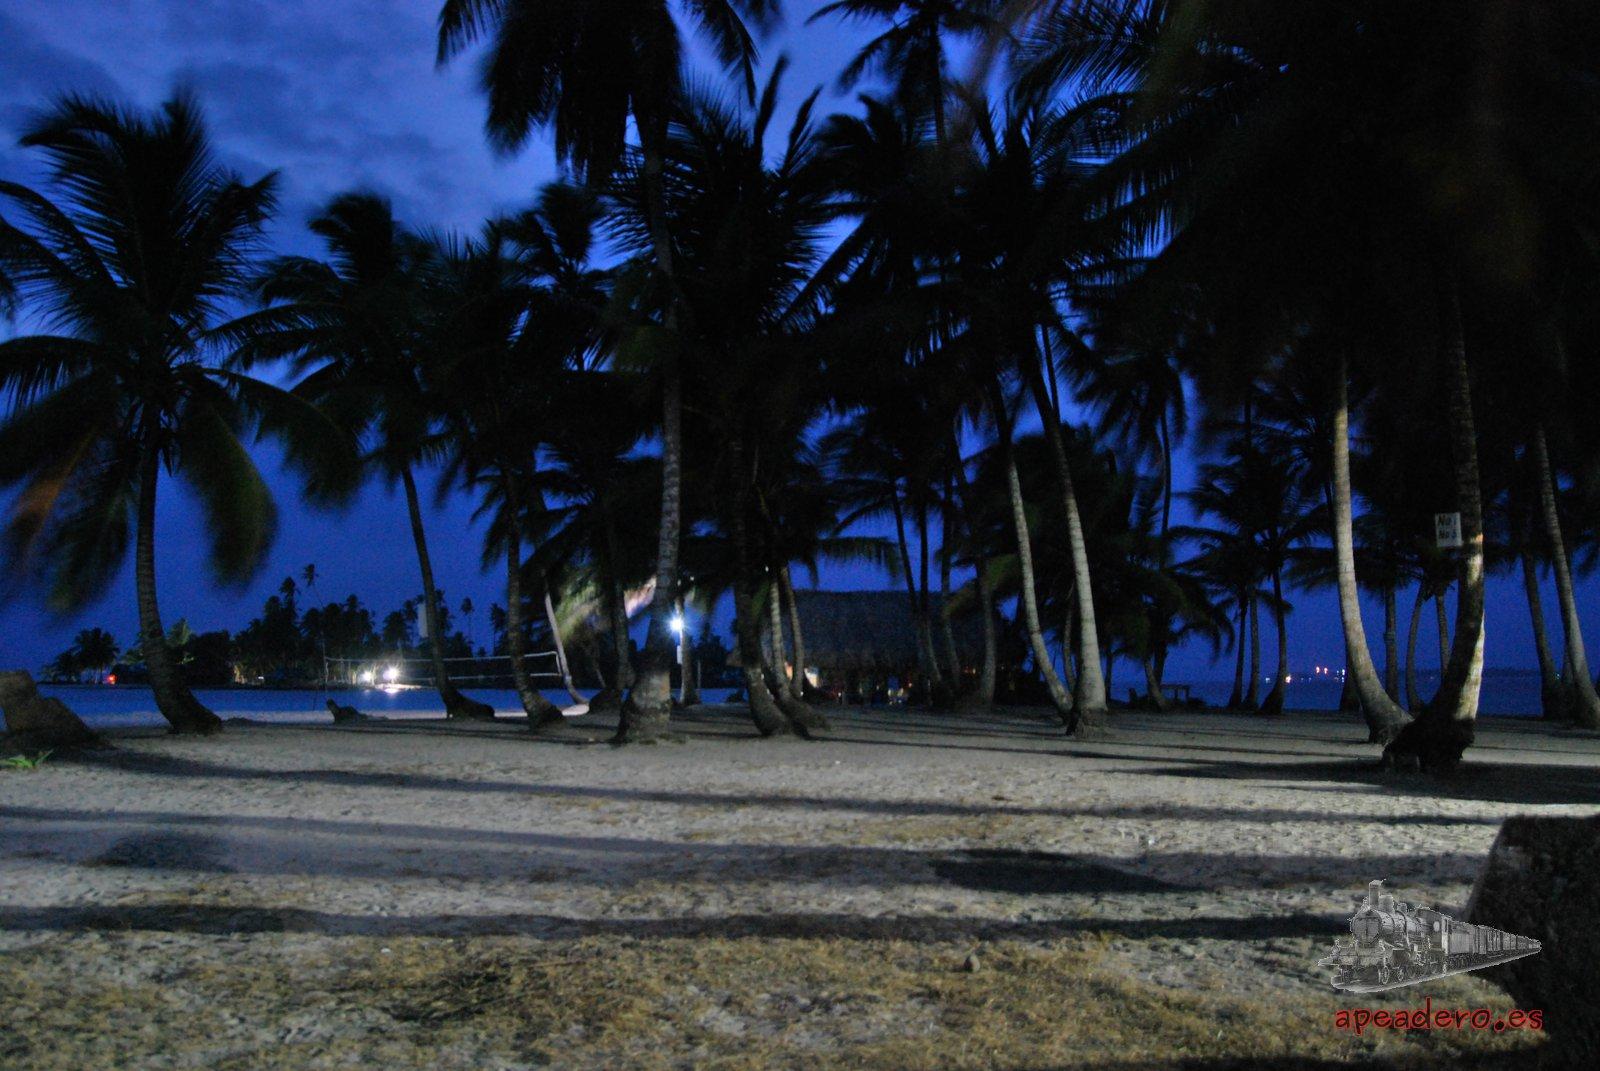 La noche en San Blas es muy variada, puedes encontrarte desde las fiestas que montan los panameños los fines de semana, hasta fiestas Guna o silencio y tranquilidad que es lo más habitual.